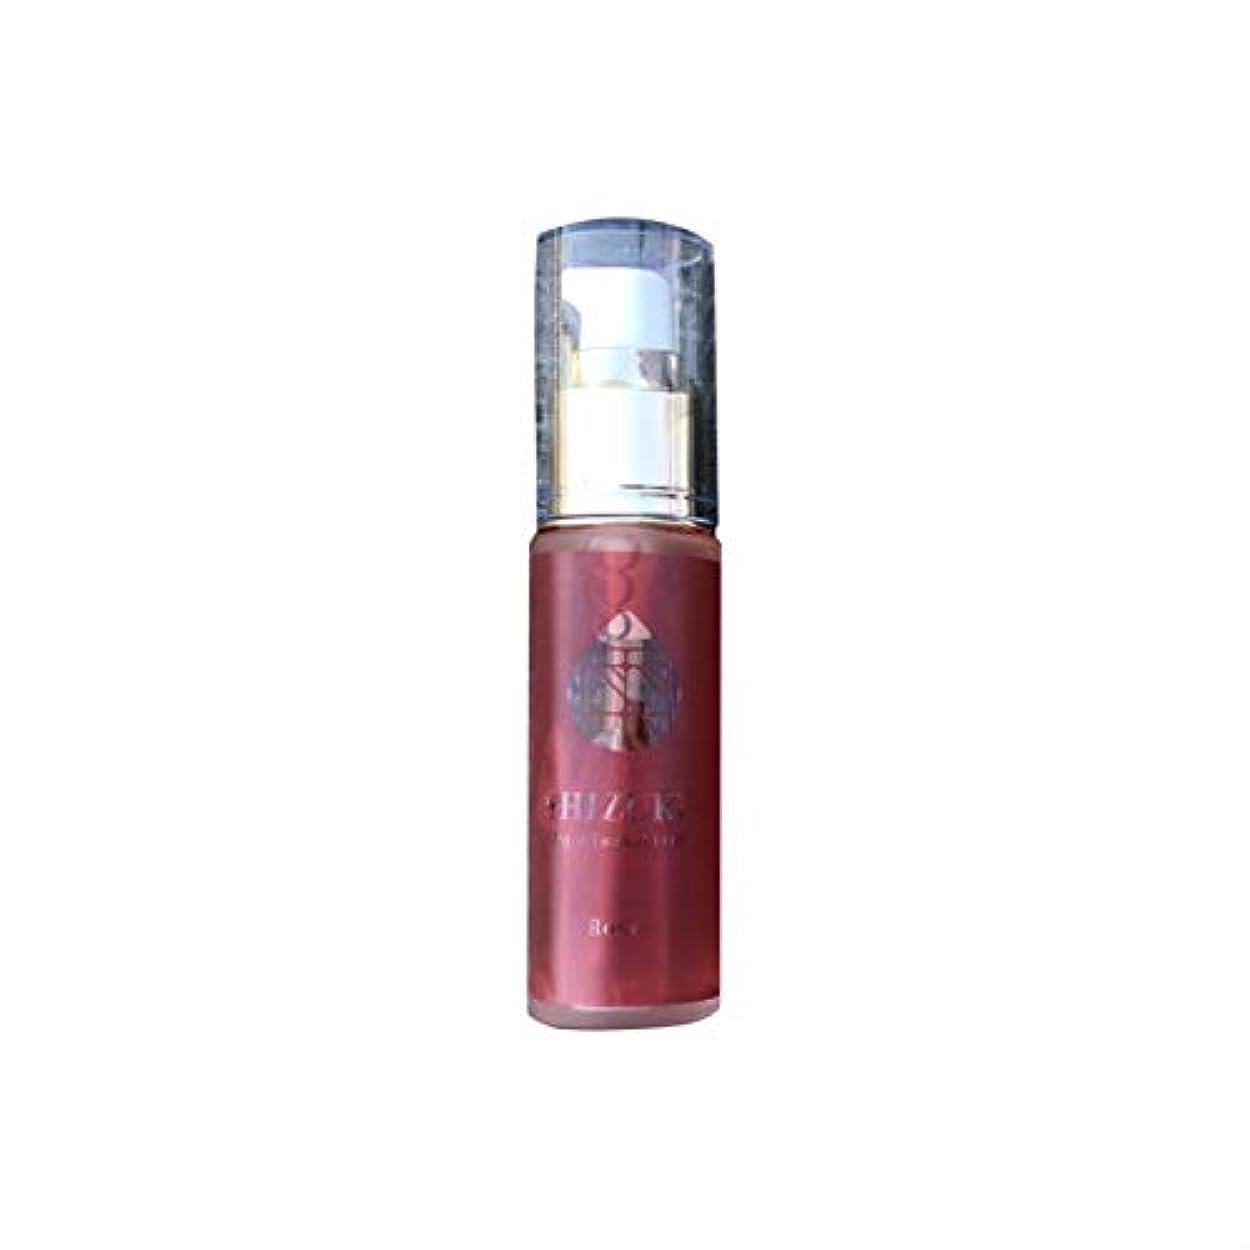 減らす番目ブランチ雫 オイル ローズ 30ml 五島列島 精製椿油